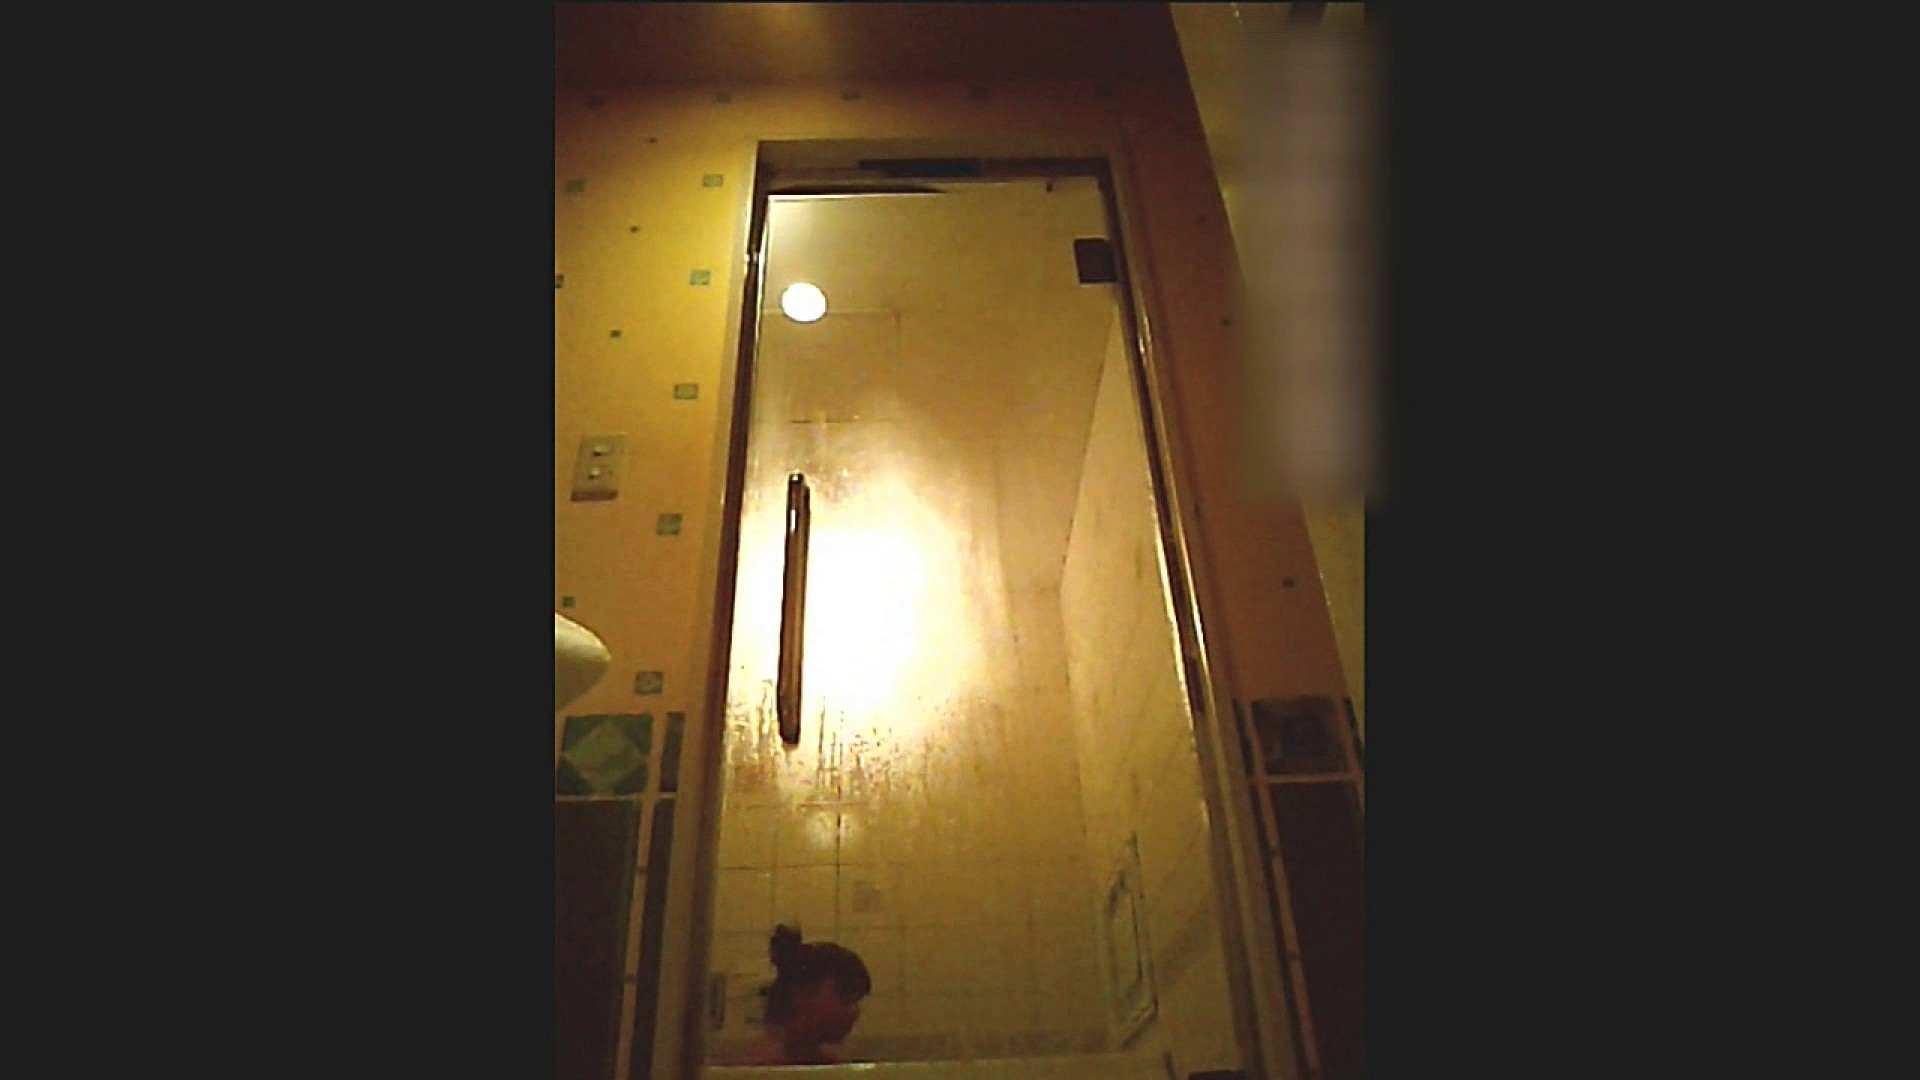 サークル女子の後輩 かなみちゃん Vol.04 シャワー室  30画像 30